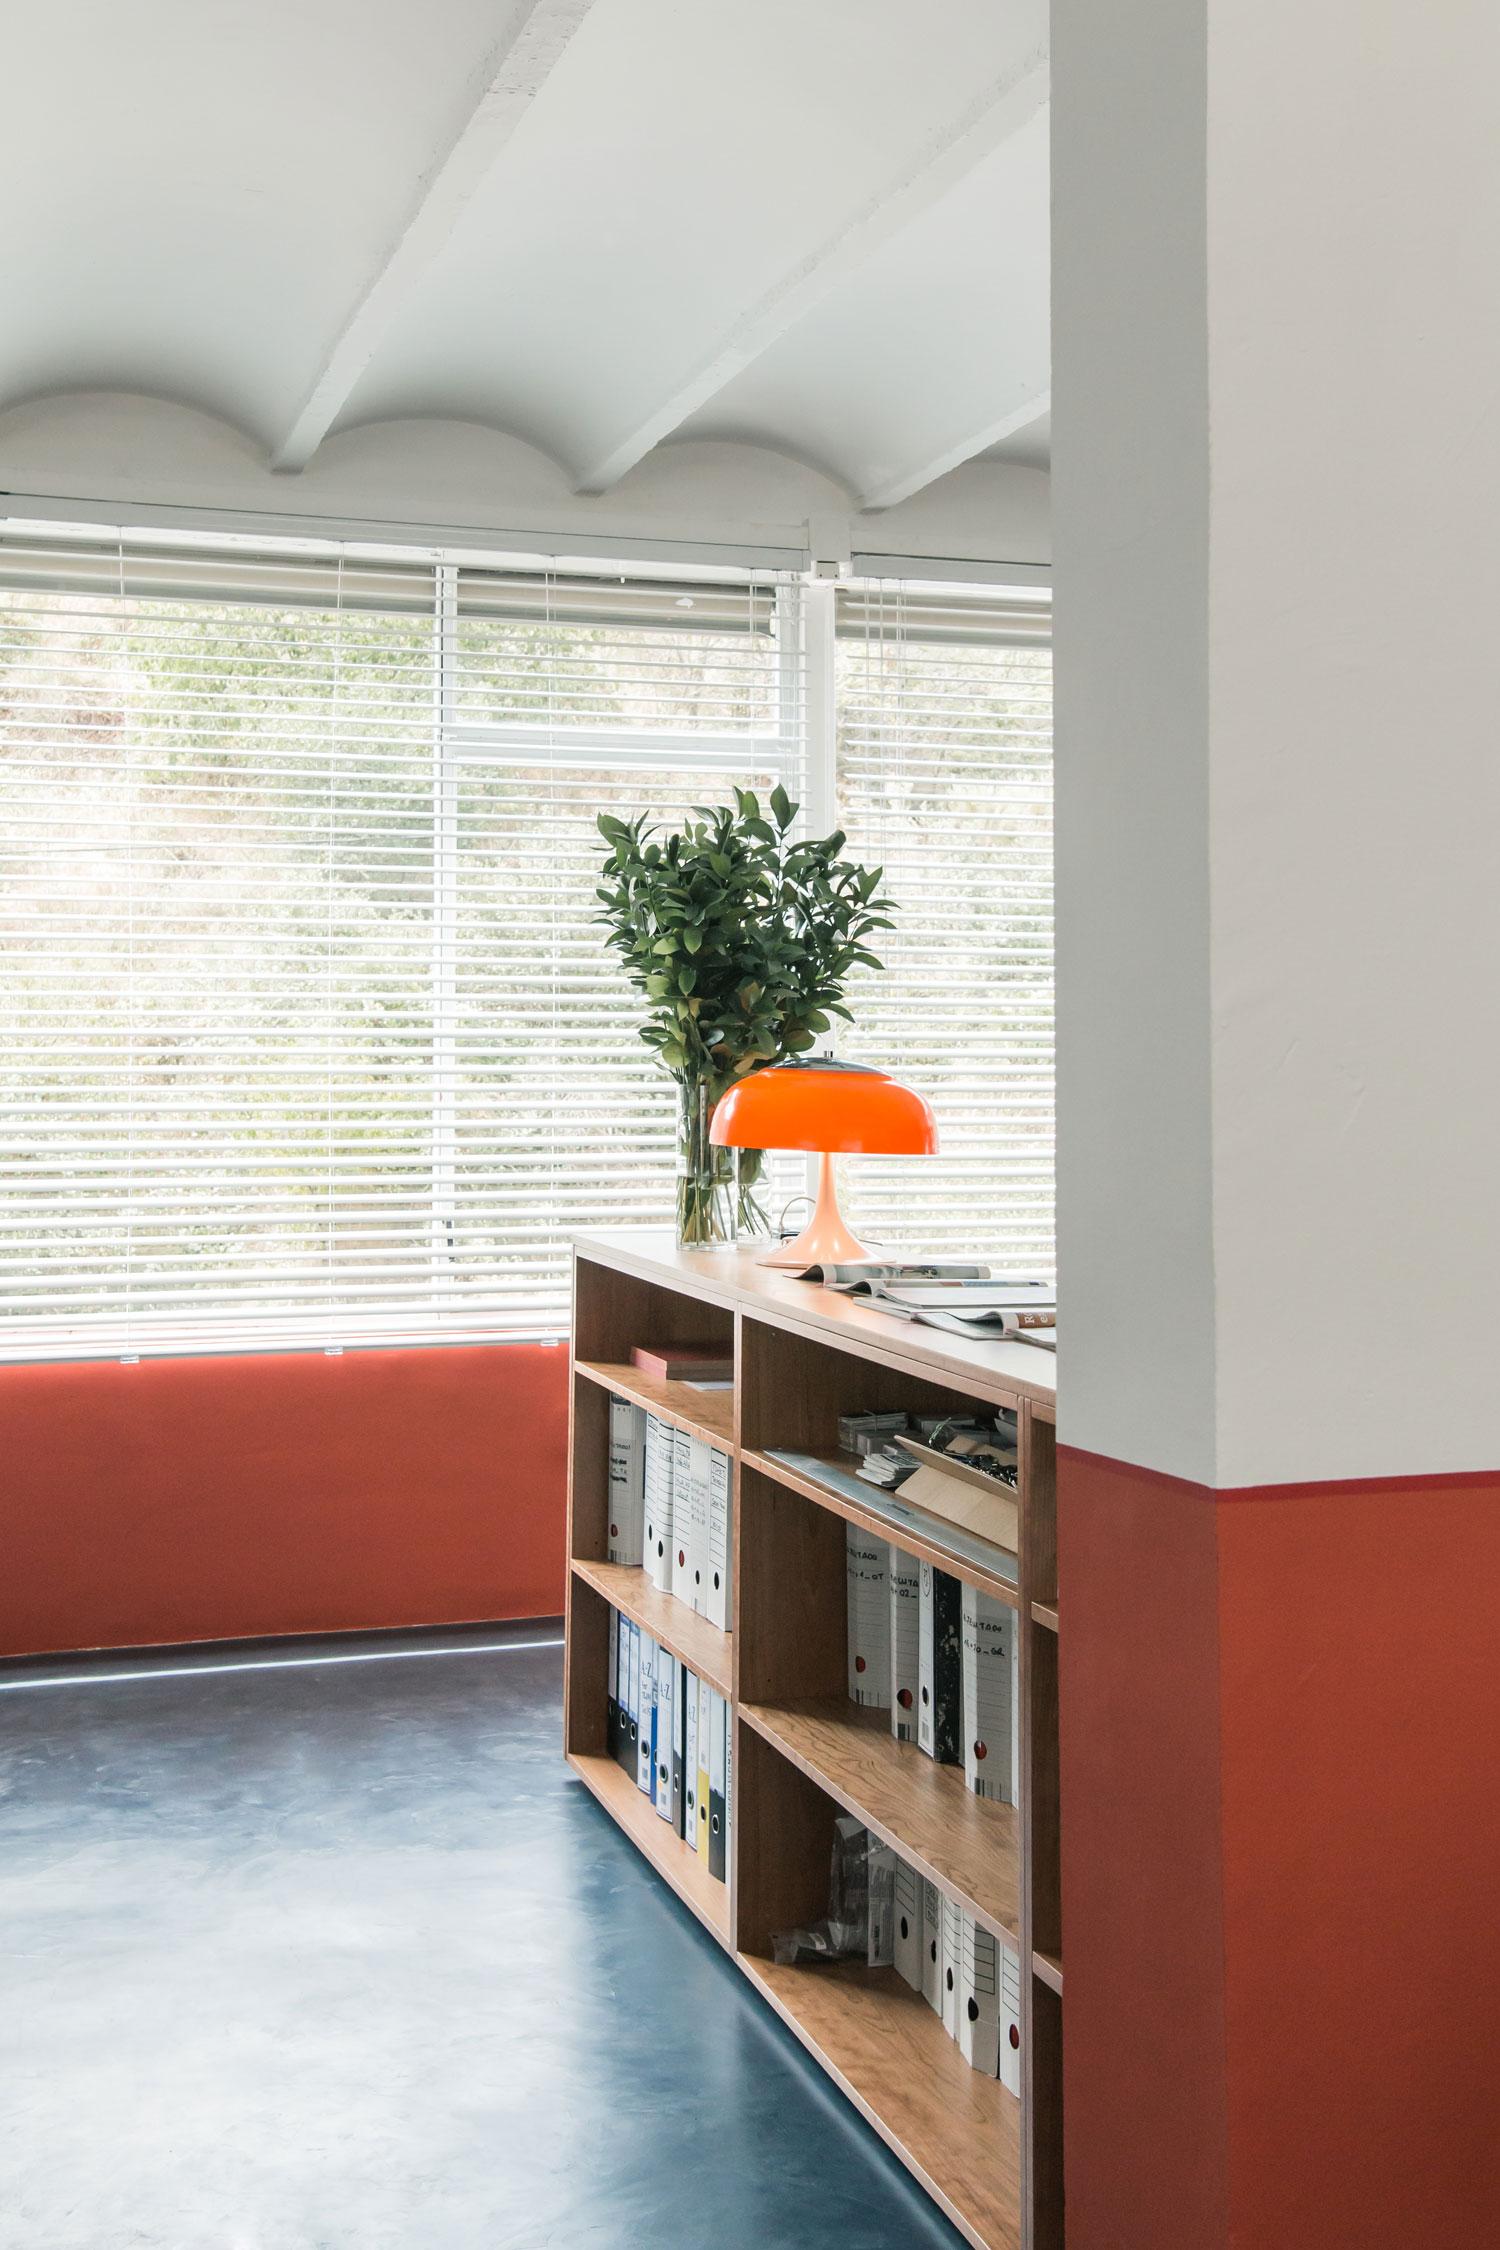 Cirera Espinet Design Their Own Barcelona Studio | Yellowtrace